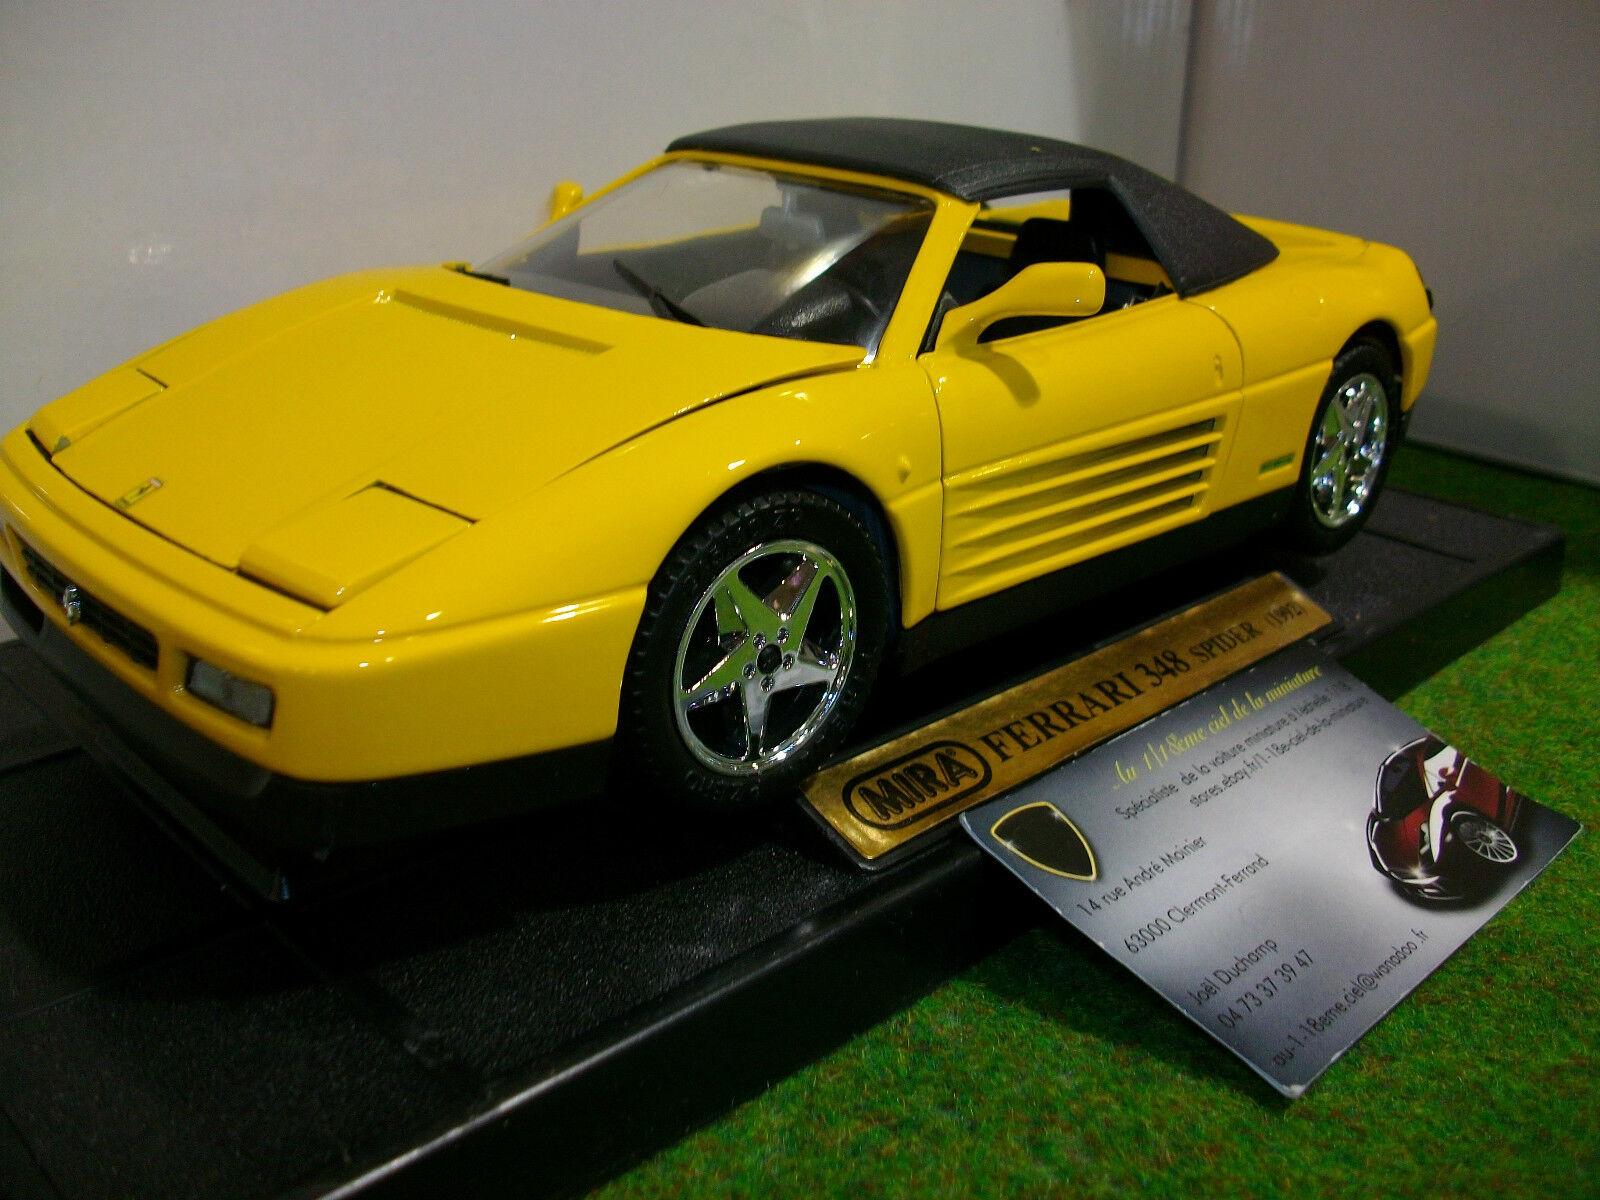 directo de fábrica FERRARI  348 348 348 SPIDER cabriolet soft top 1992 jne 1 18 MIRA 6918 voiture miniature  aquí tiene la última